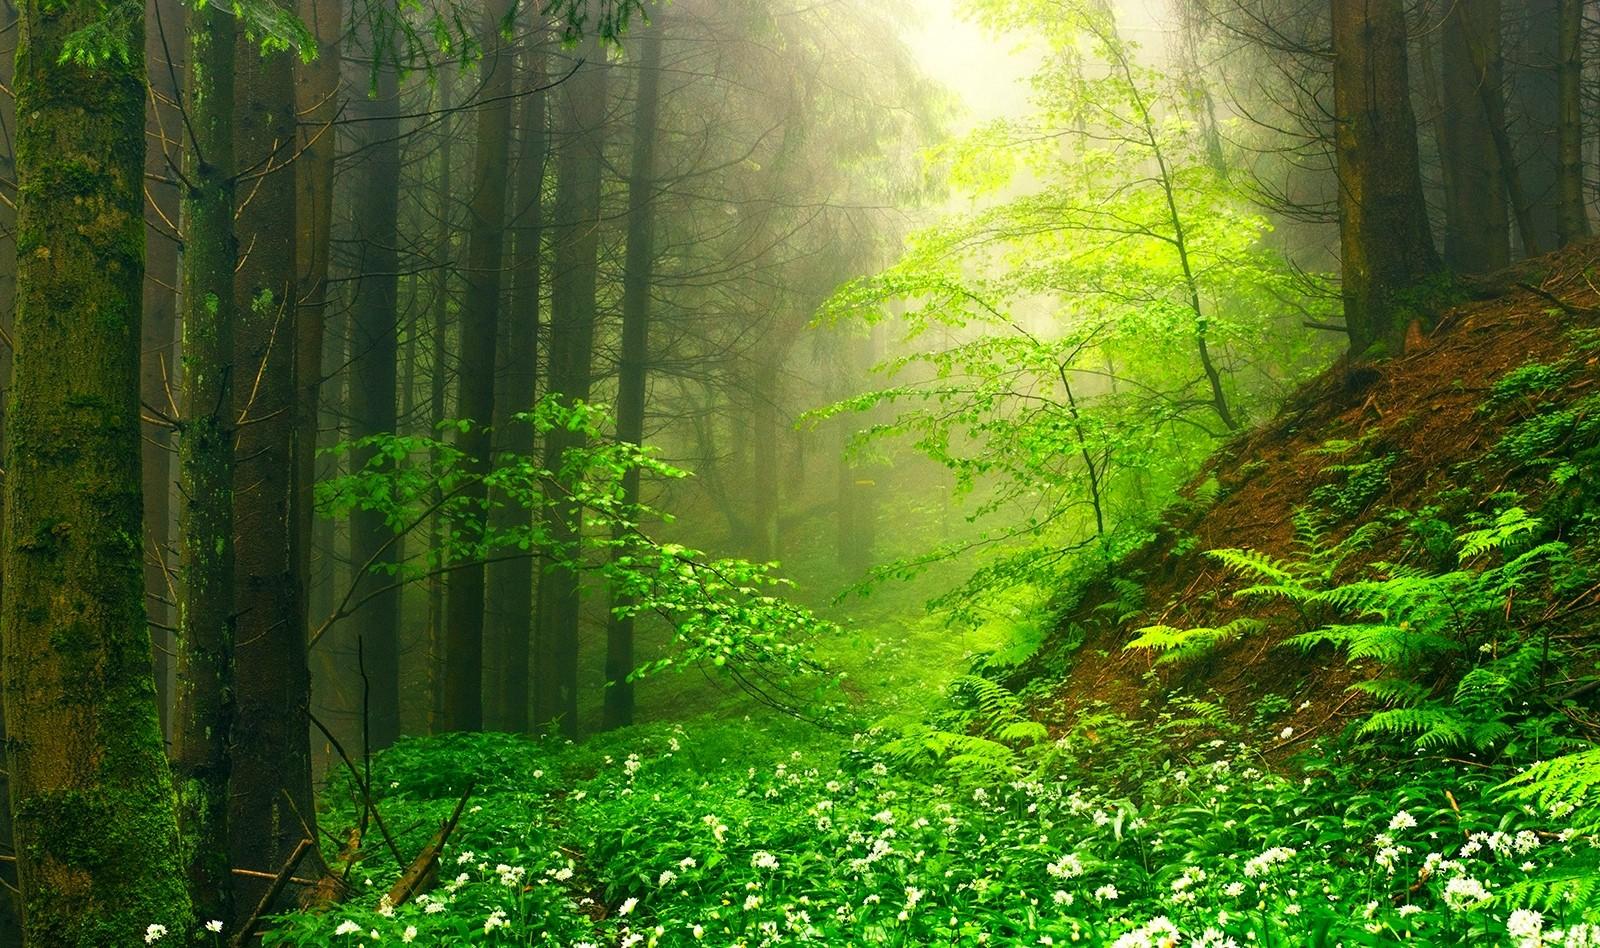 Wallpaper Sunlight Trees Landscape Nature Moss